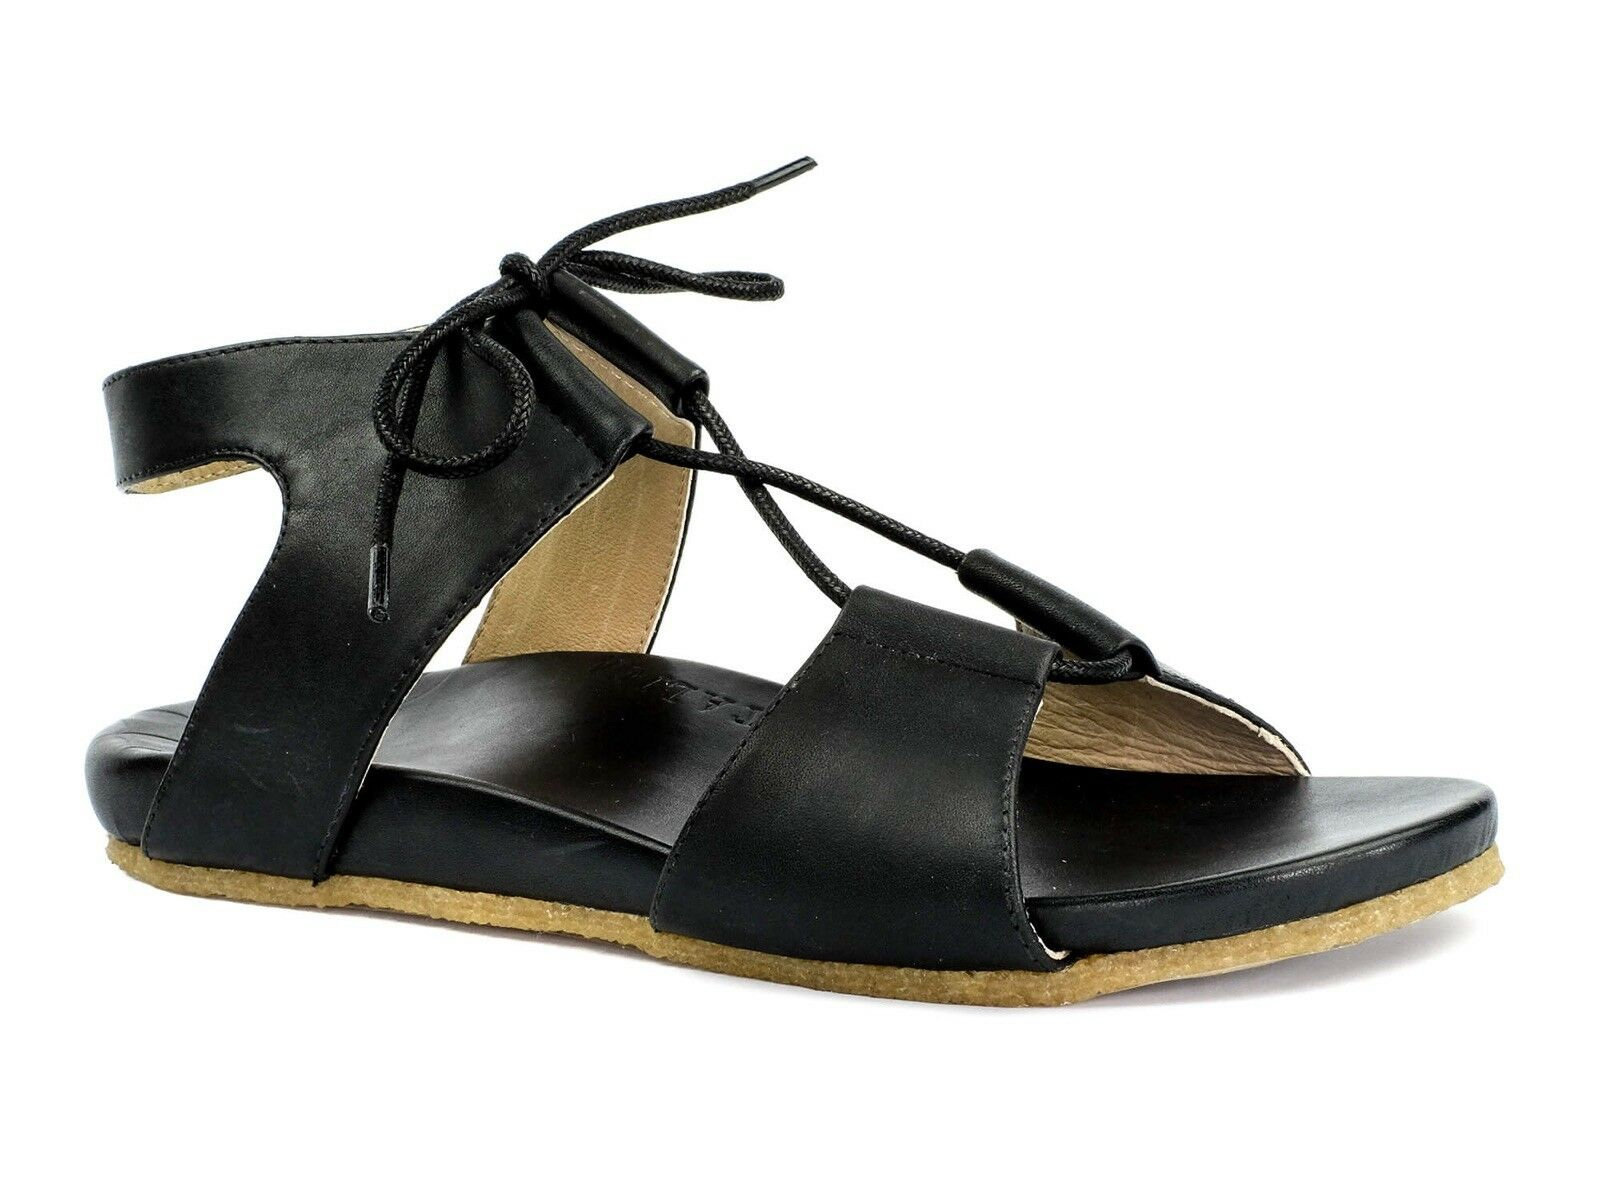 Rivitalizzare la  dimensione dei sandali Isabel  marchi di stilisti economici